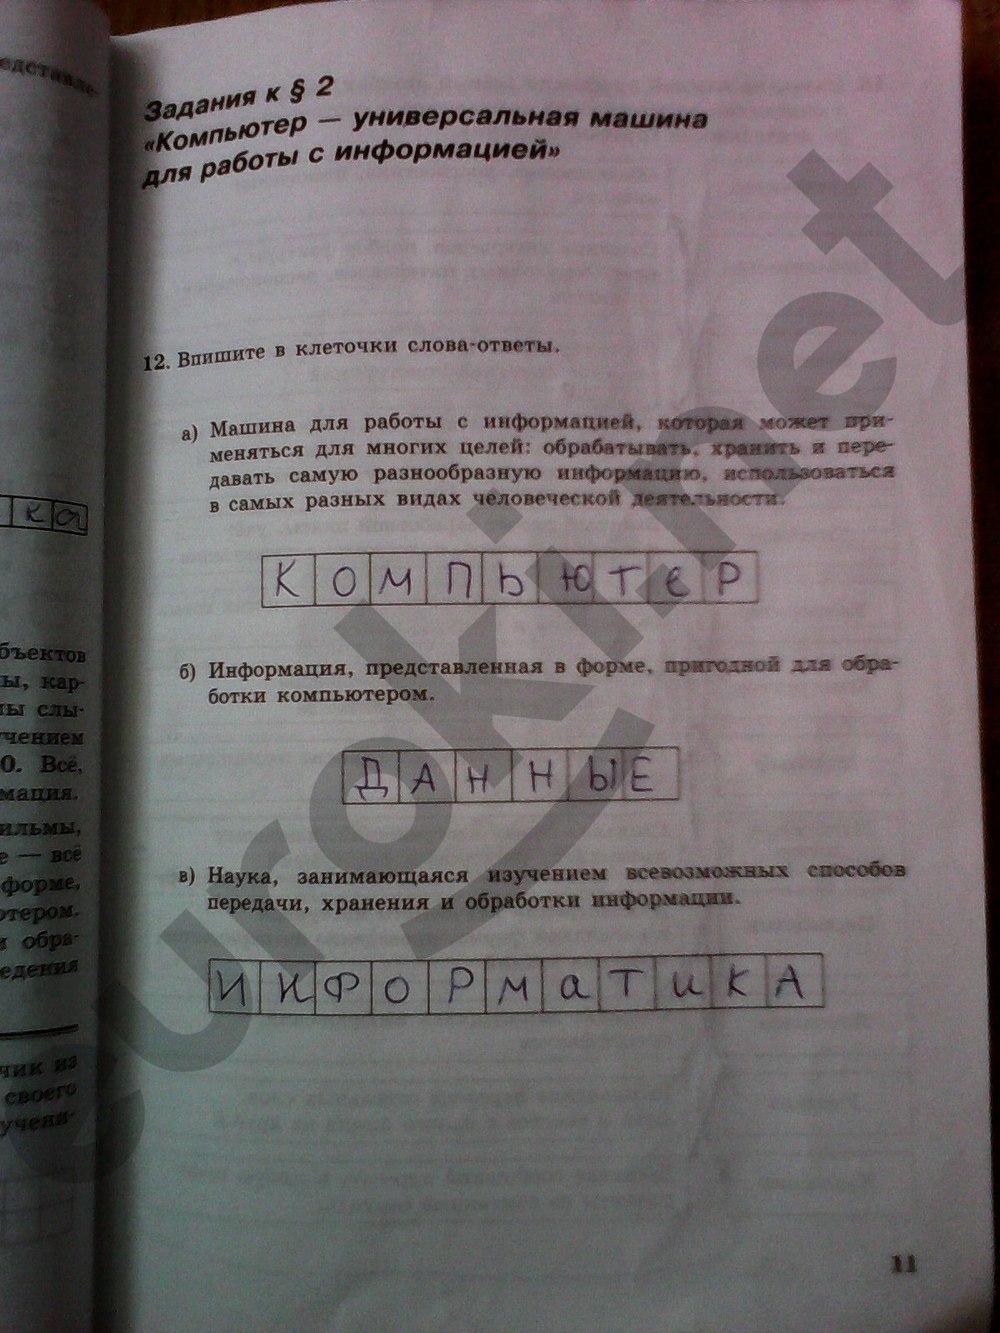 гдз по информатике 6 класс рабочая тетрадь босова: